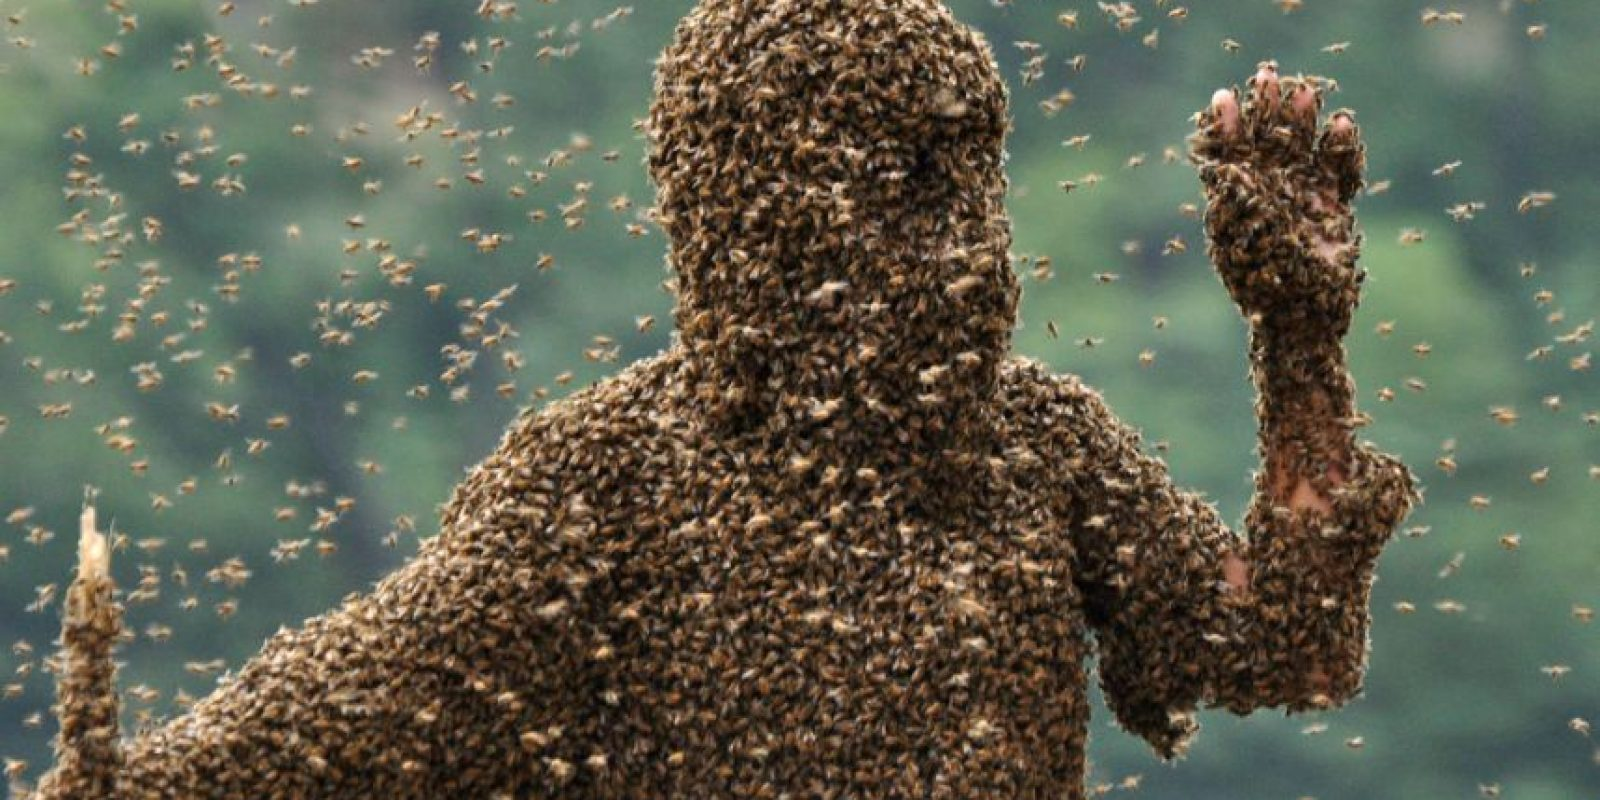 Si llegara a nacer otra abeja reina, deberán pelear a muerte y la que sobreviva será la nueva abeja reina de la colmena que es la única apta para la reproducción ya que las demás obreras son estériles. Foto:Getty Images